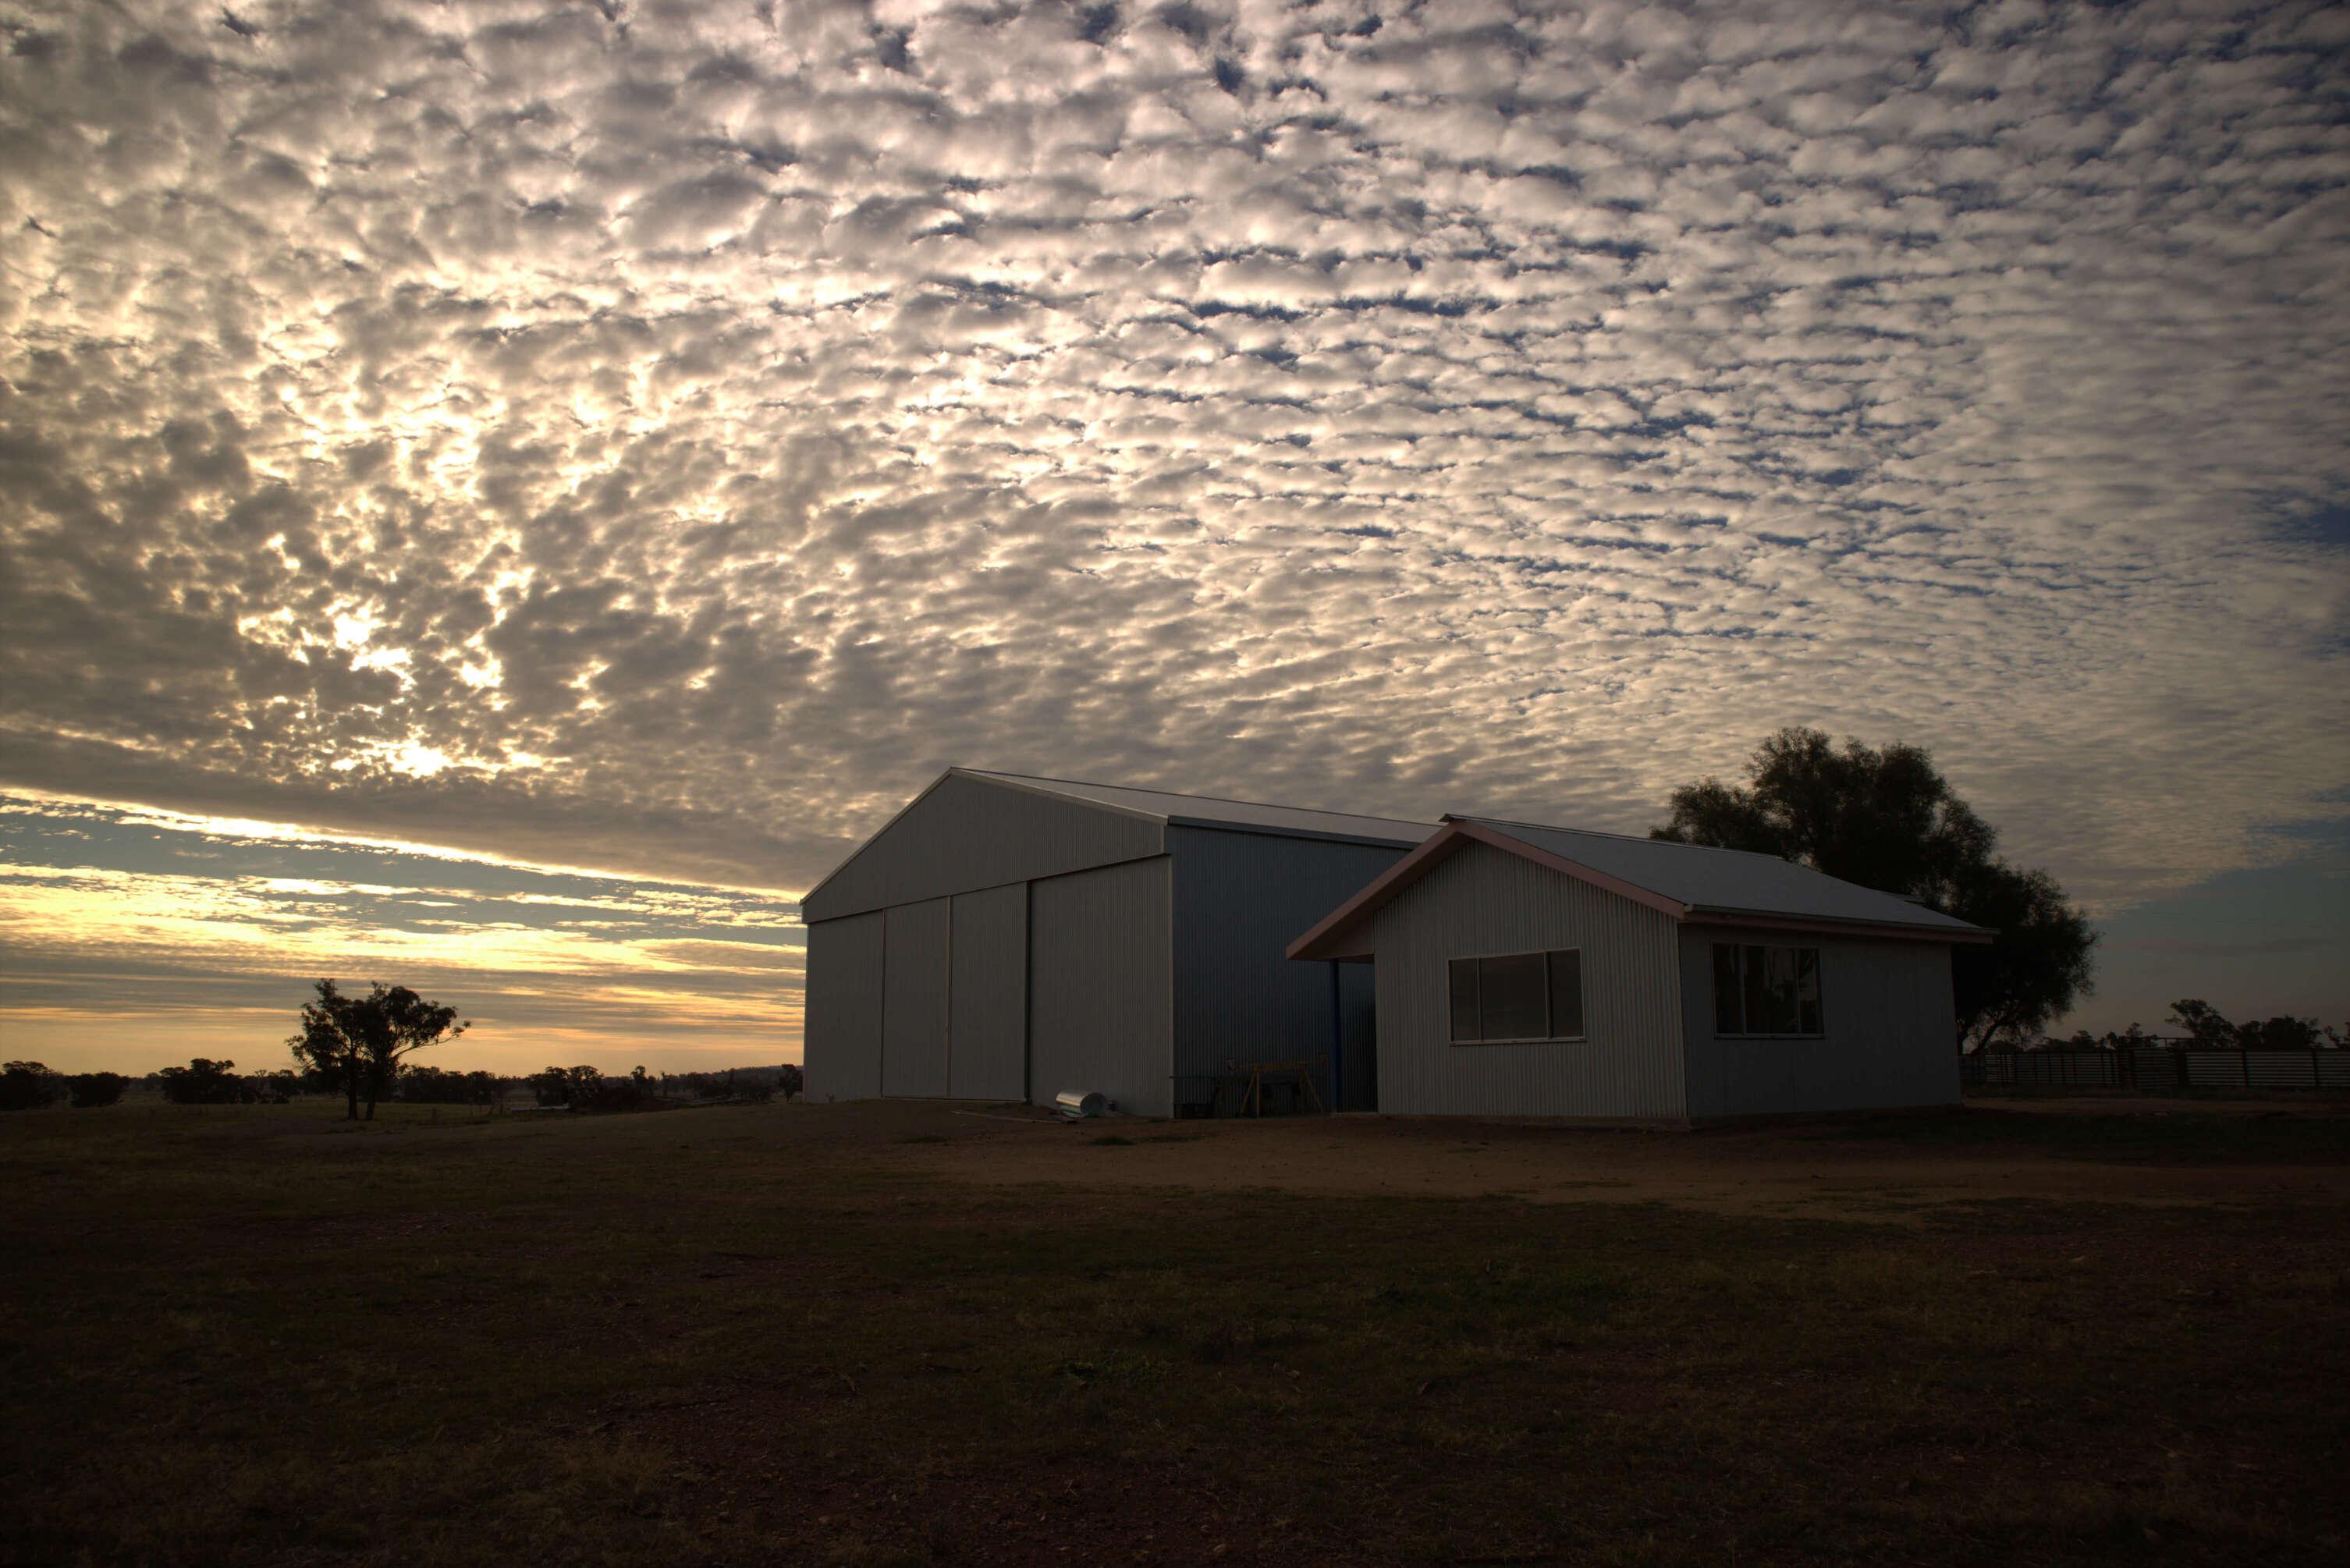 Shearing shed at dusk